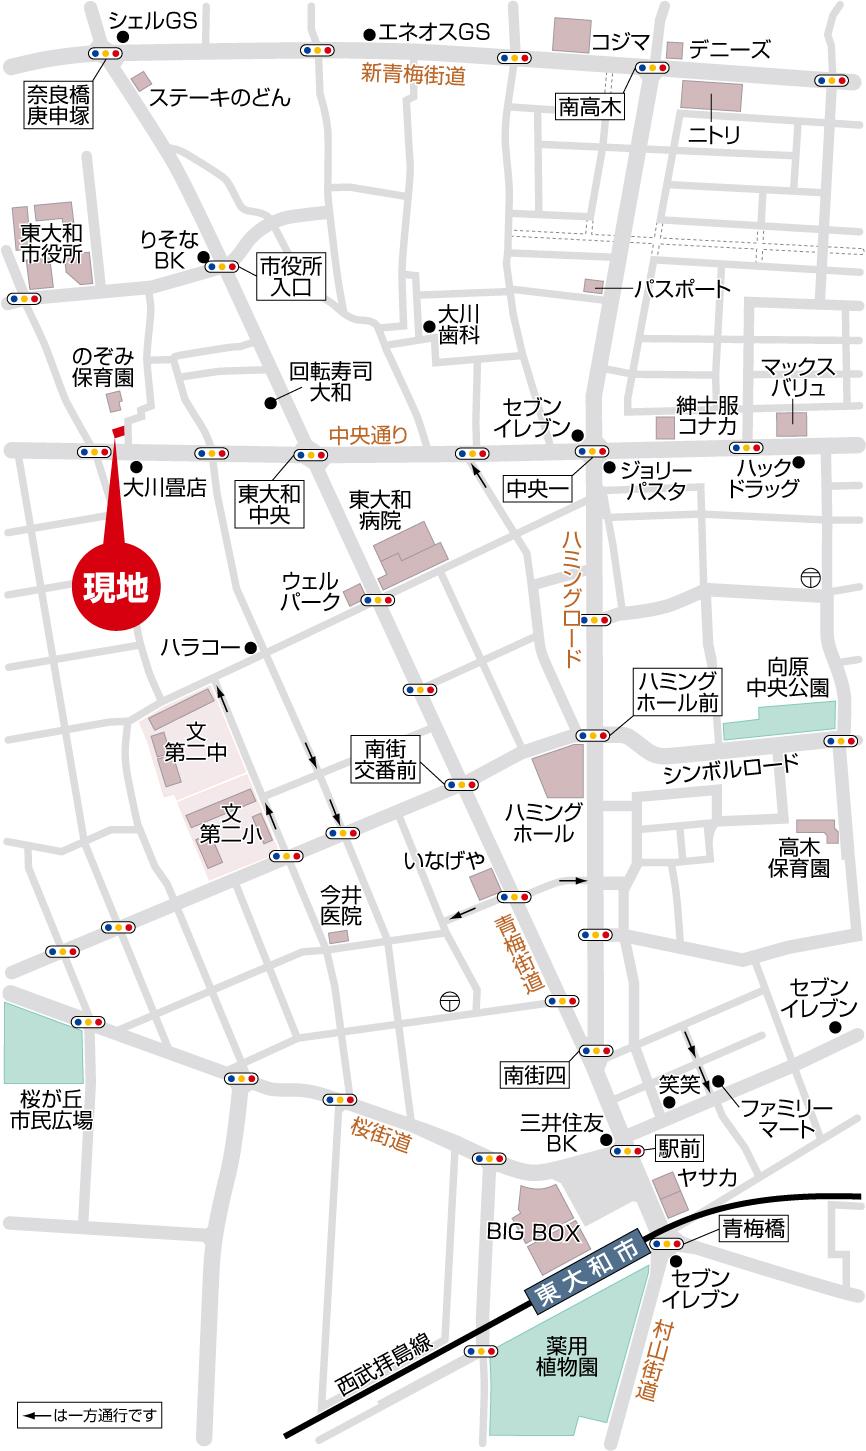 売り地 全1区画 東大和市中央4丁目 終了いたしましたマップ